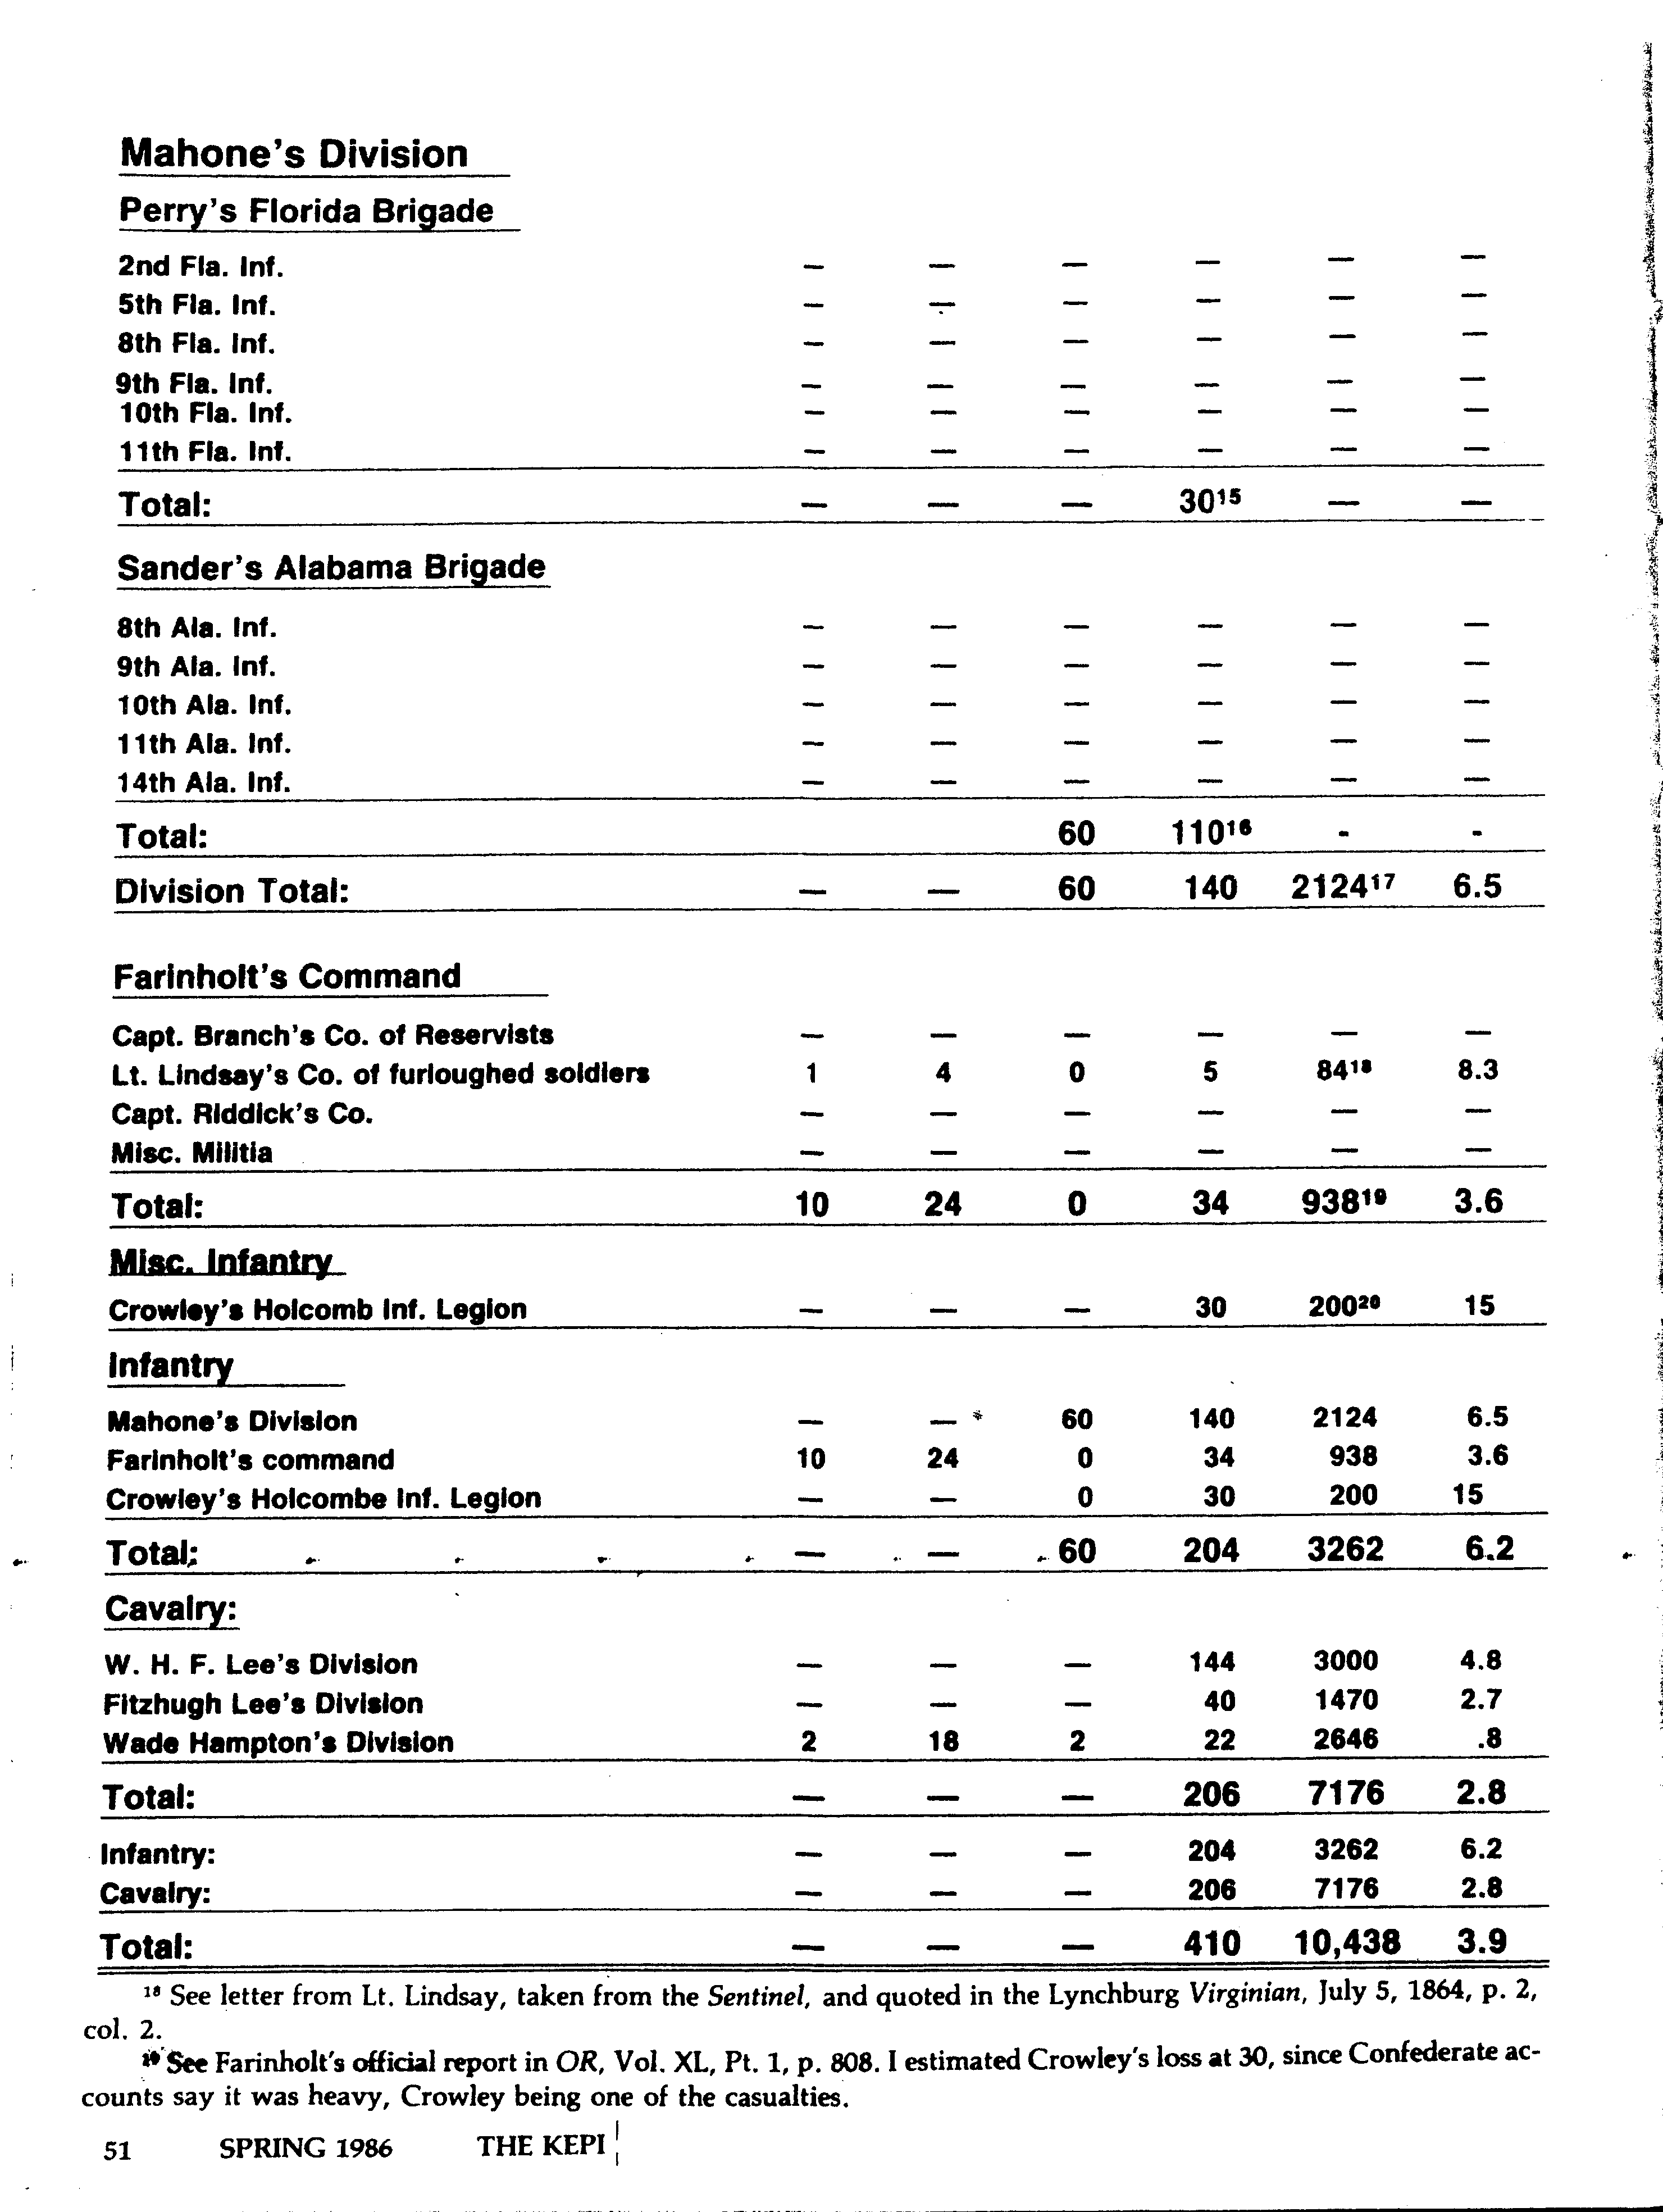 KepiV4N1Spring1986 WilsonKautzConfCas Pg51